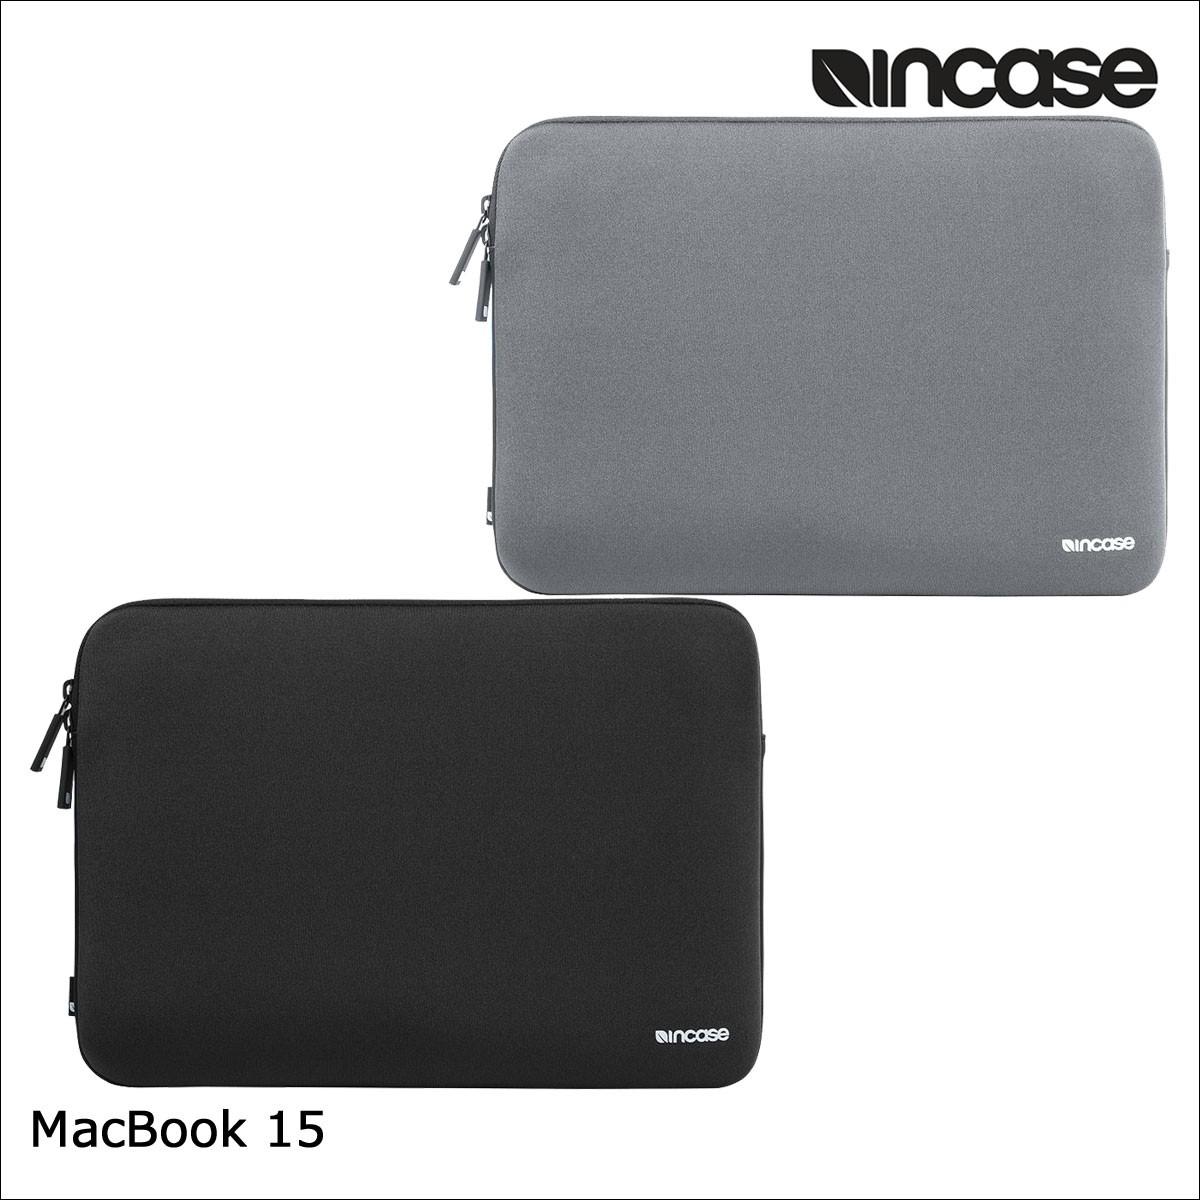 INCASE インケース バッグ パソコンバッグ PCケース 15インチ ARIAPRENE CLASSIC SLEEVE FOR 15 INMB10073 レディース メンズ ブラック [4/11 新入荷]